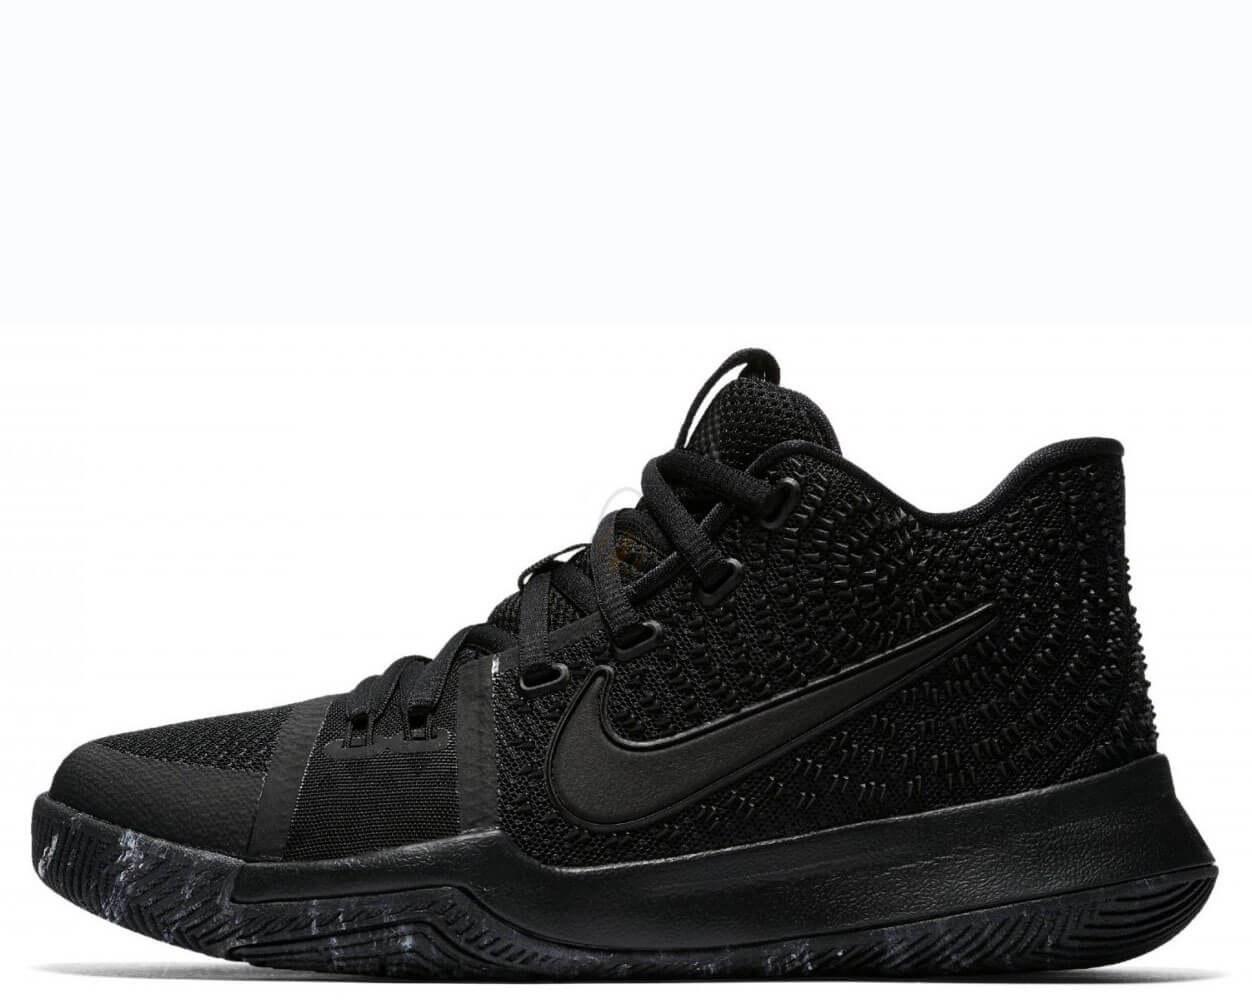 e17c2b67 Nike Kyrie 3 Marble. Мужские кроссовки для баскетбола. Качественные  кроссовки. Интернет магазин кроссовок